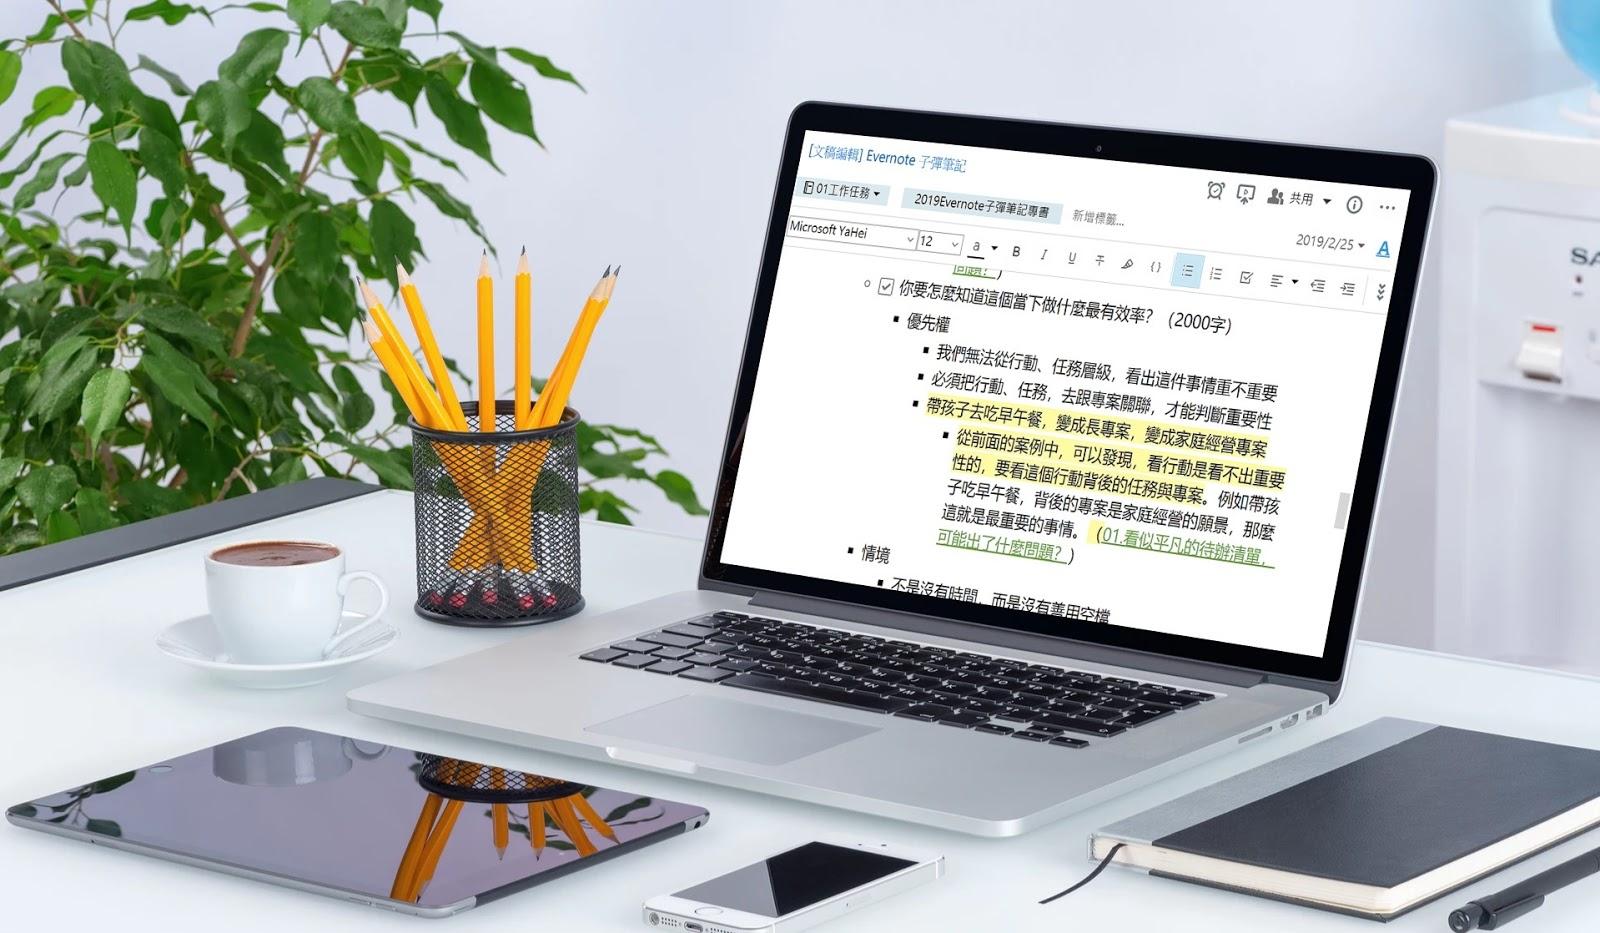 寫作加速法教學,解決寫報告論述文章的截稿壓力與速度瓶頸